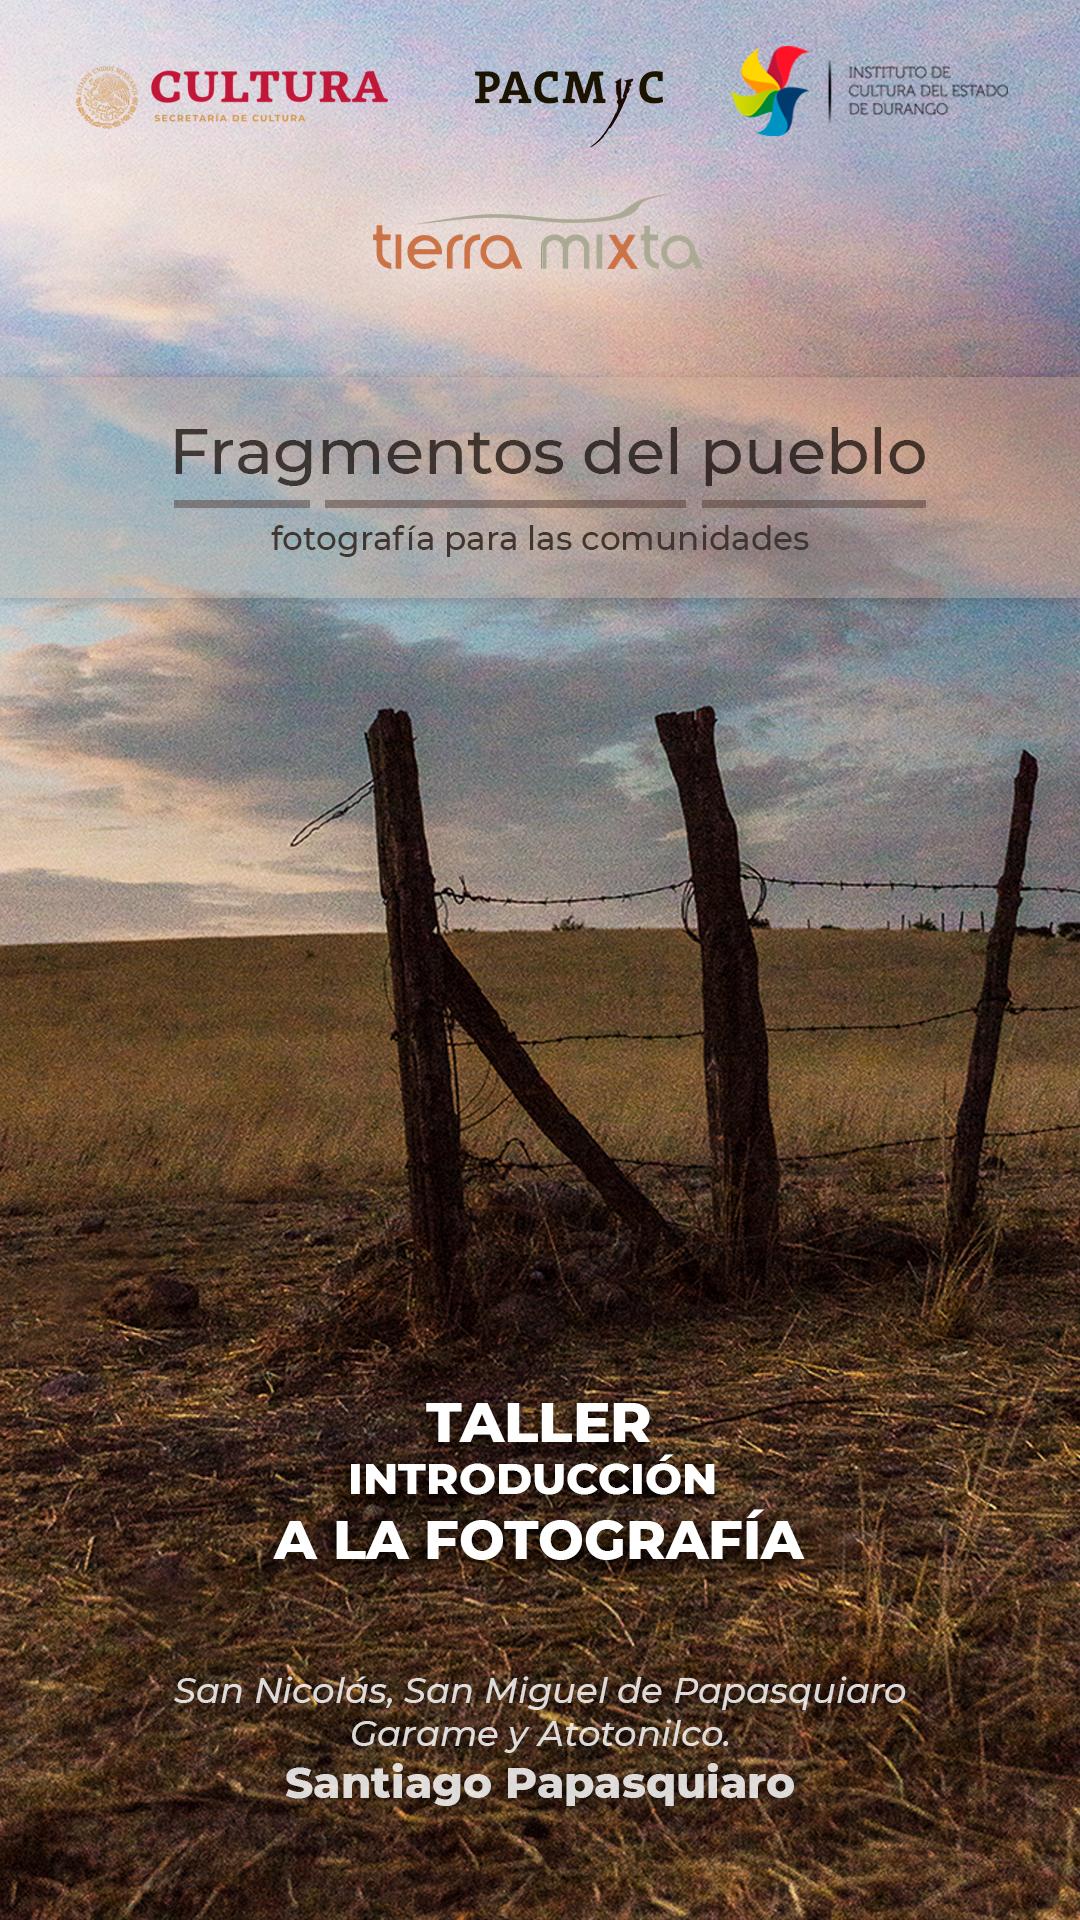 Flyer-Pacmyc_Tierra Mixta 2020